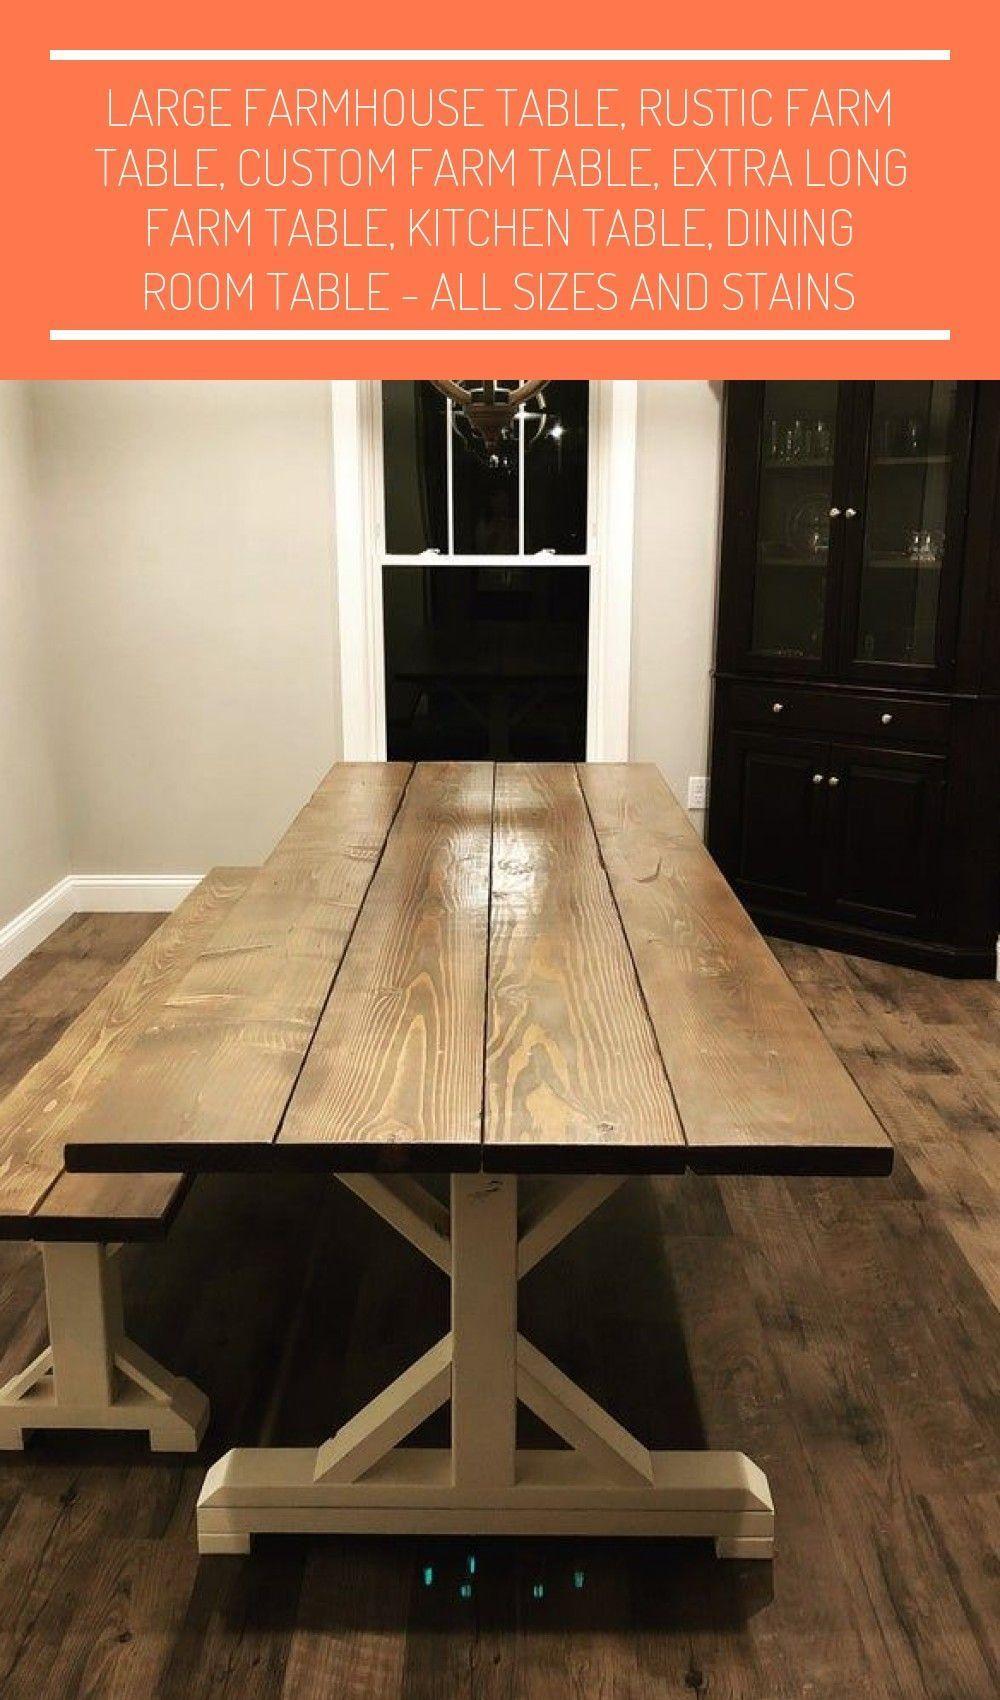 Large Farm Table Rustic Farm Table Custom Farm Table Ets Custom Ets Farm Large Rustic Table In 2020 Bauerntisch Rustikal Tisch